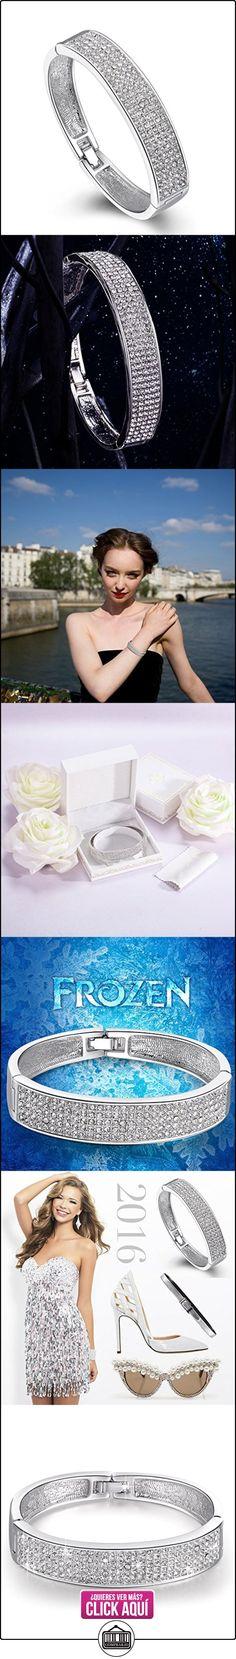 P&M-Amor de la Nieve-Pulsera Mujer Joyeria Chapado en Oro Blanco  ✿ Joyas para mujer - Las mejores ofertas ✿ ▬► Ver oferta: https://comprar.io/goto/B01500Y2ZS